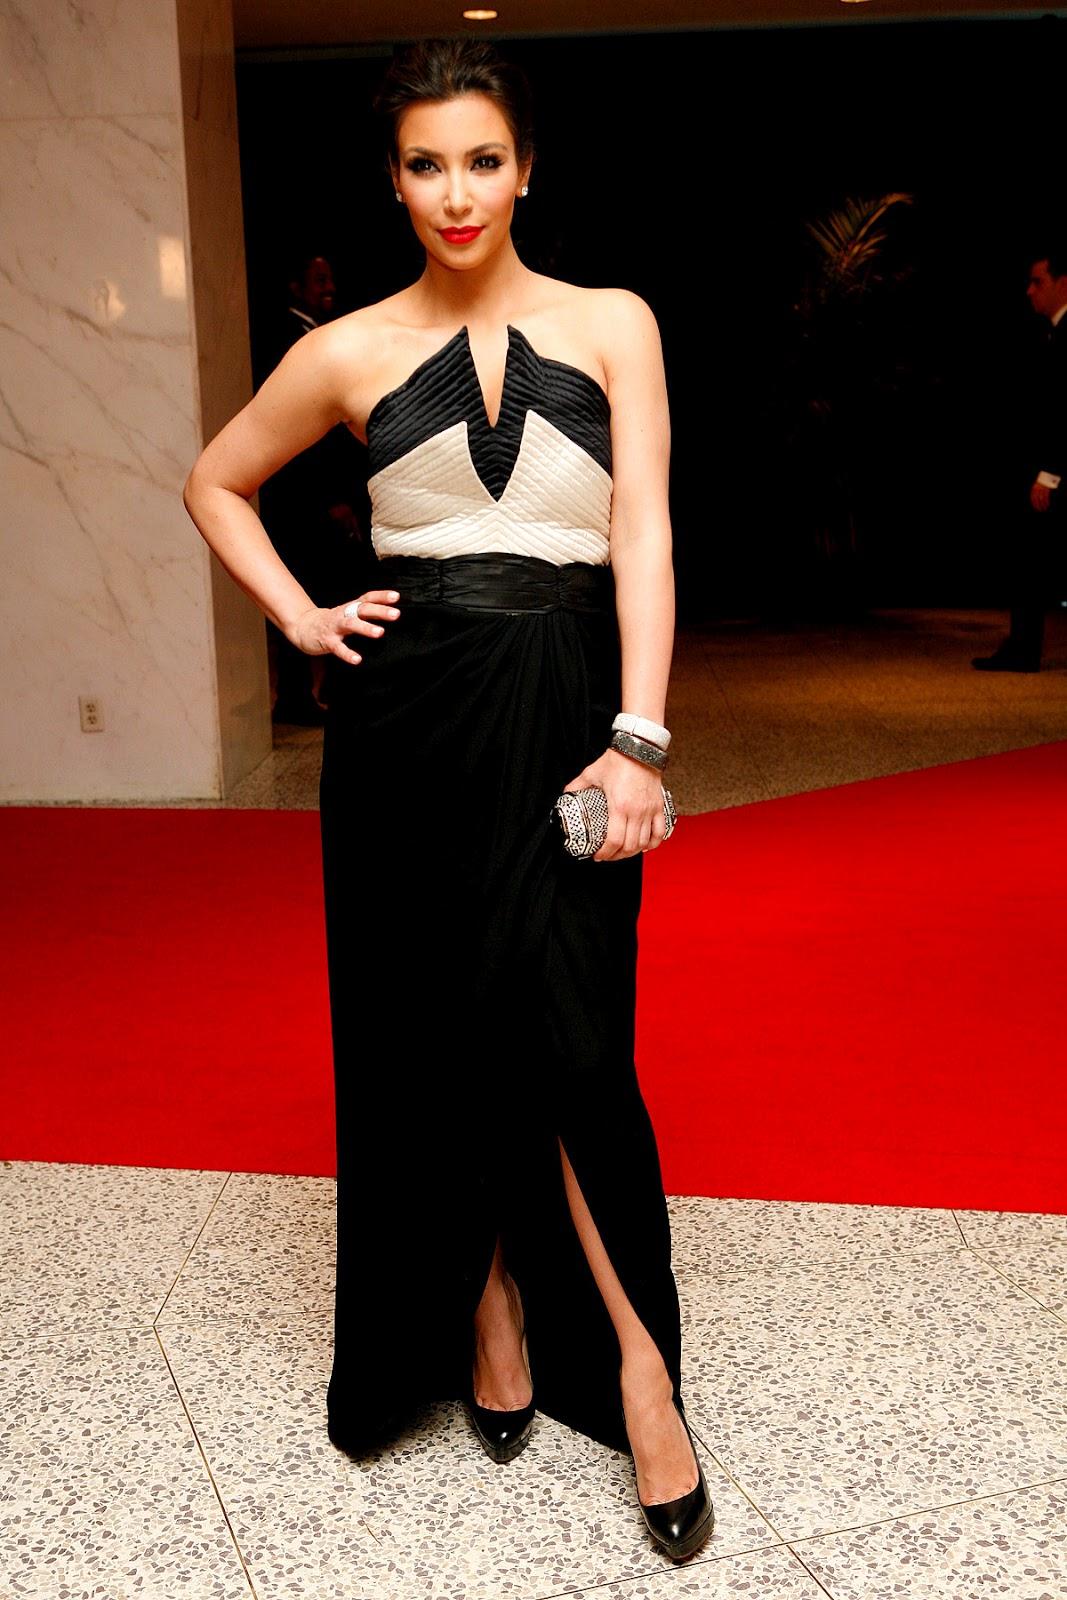 http://3.bp.blogspot.com/-5JJGQKQ8ZXc/UAqav0KodQI/AAAAAAAAB3c/9korpMpYU6w/s1600/Kim+Kardashian4.jpg